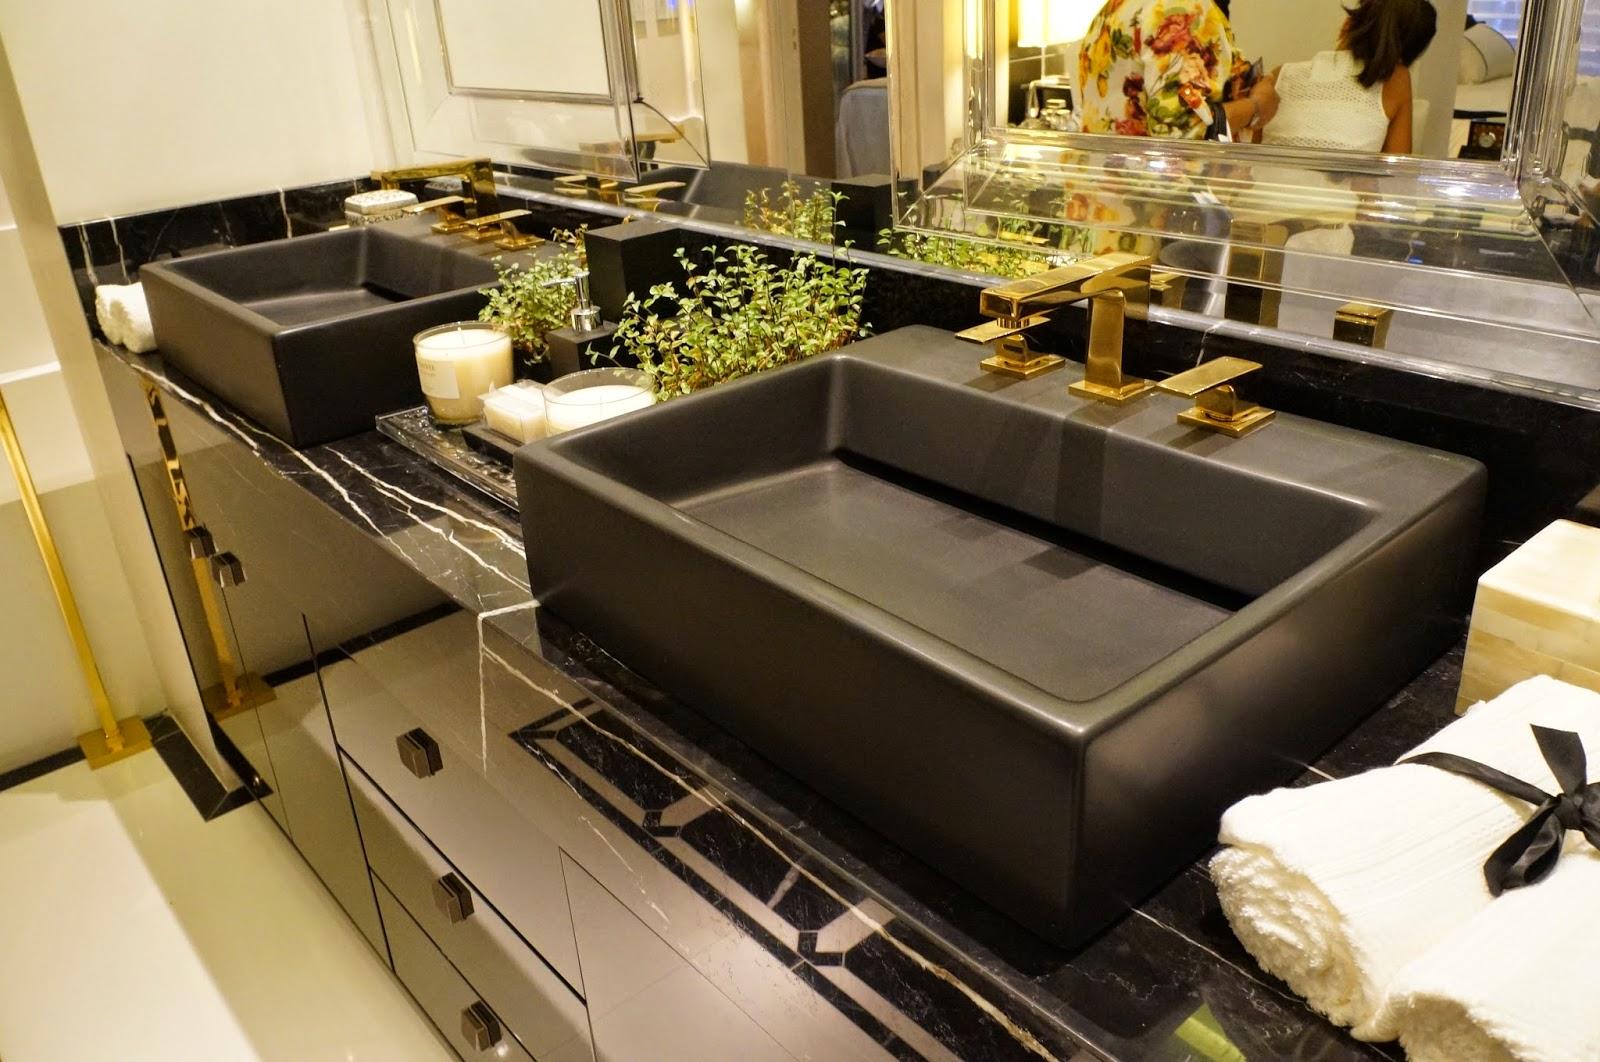 em banheiros e lavabos Blog Carina Pedro Design de Interiores #A38E28 1600x1062 Banheiro Branco Preto E Cinza